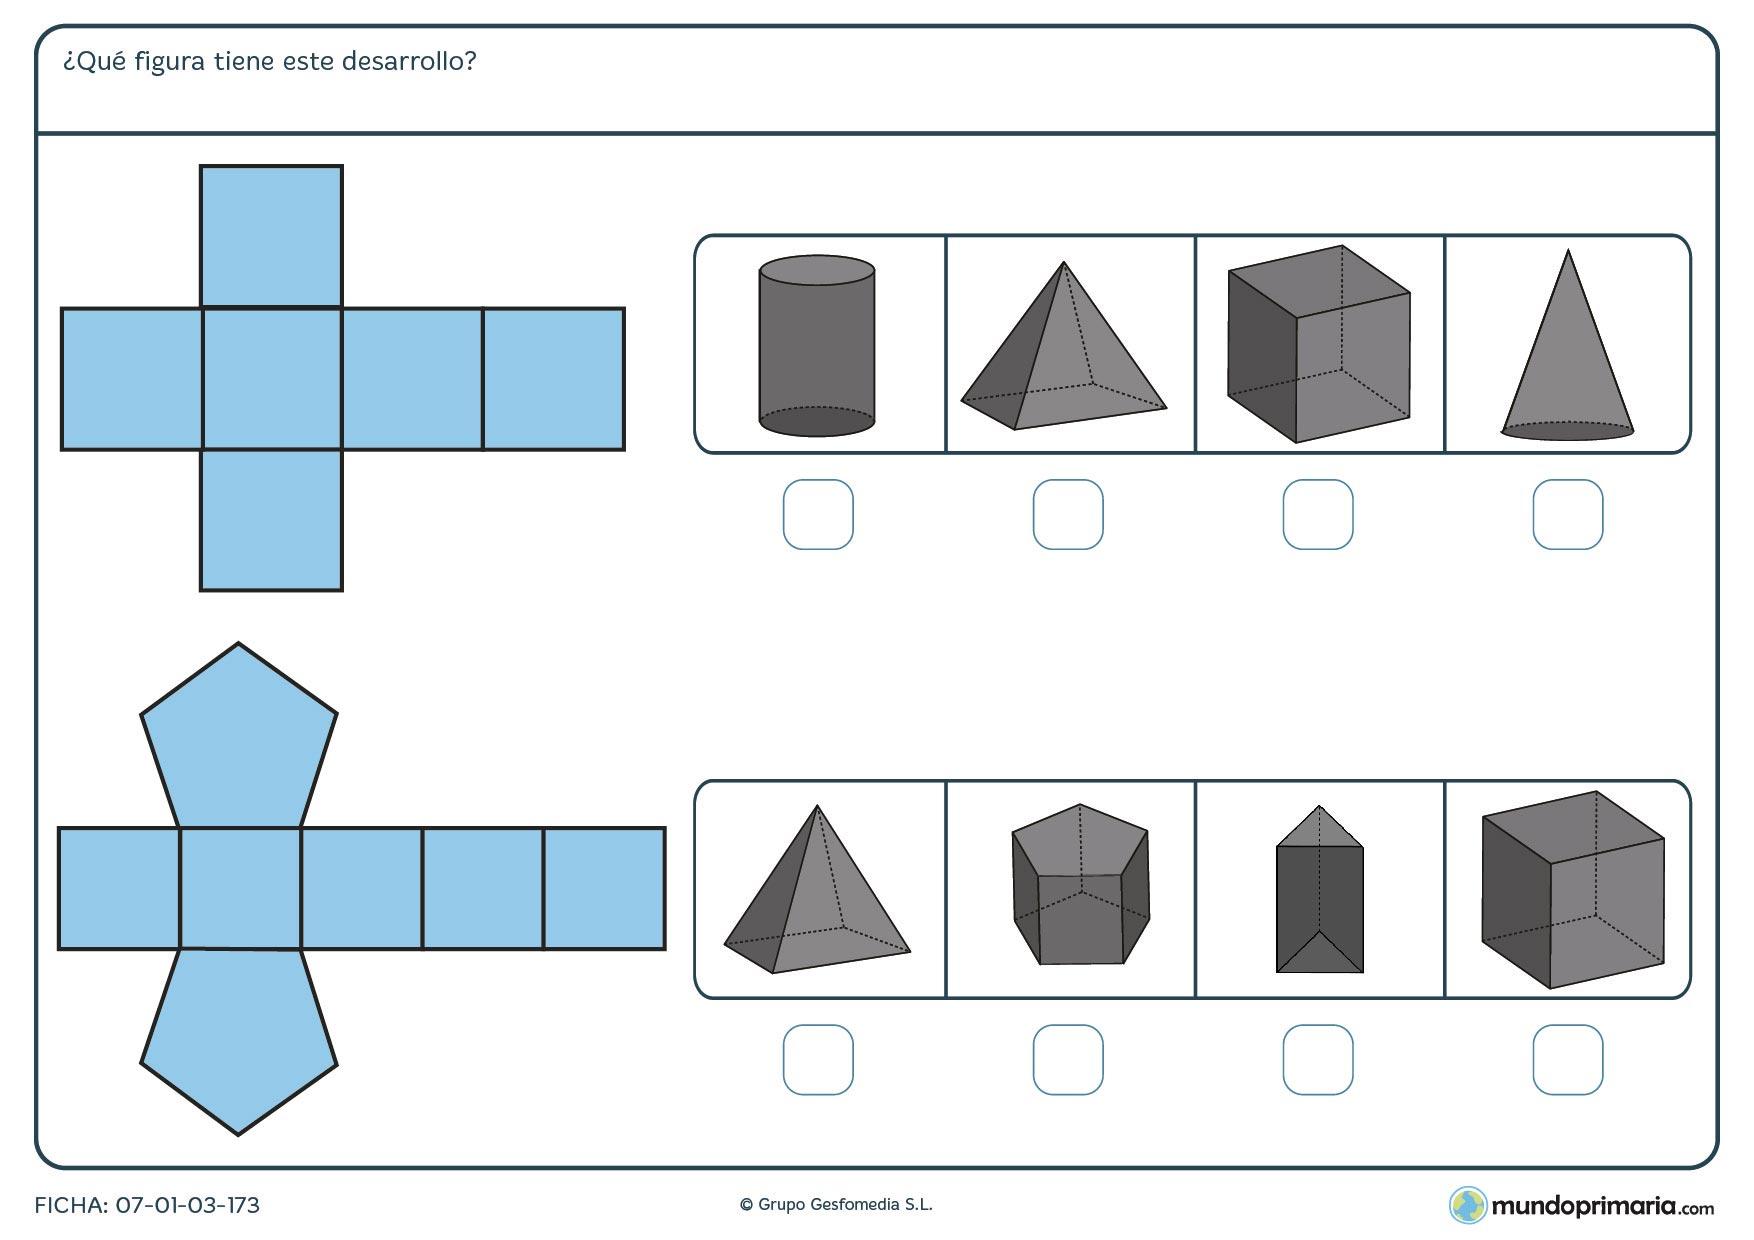 ¿A qué prisma corresponde cada desarrollo? Observa las posibles respuestas y marca la correcta.